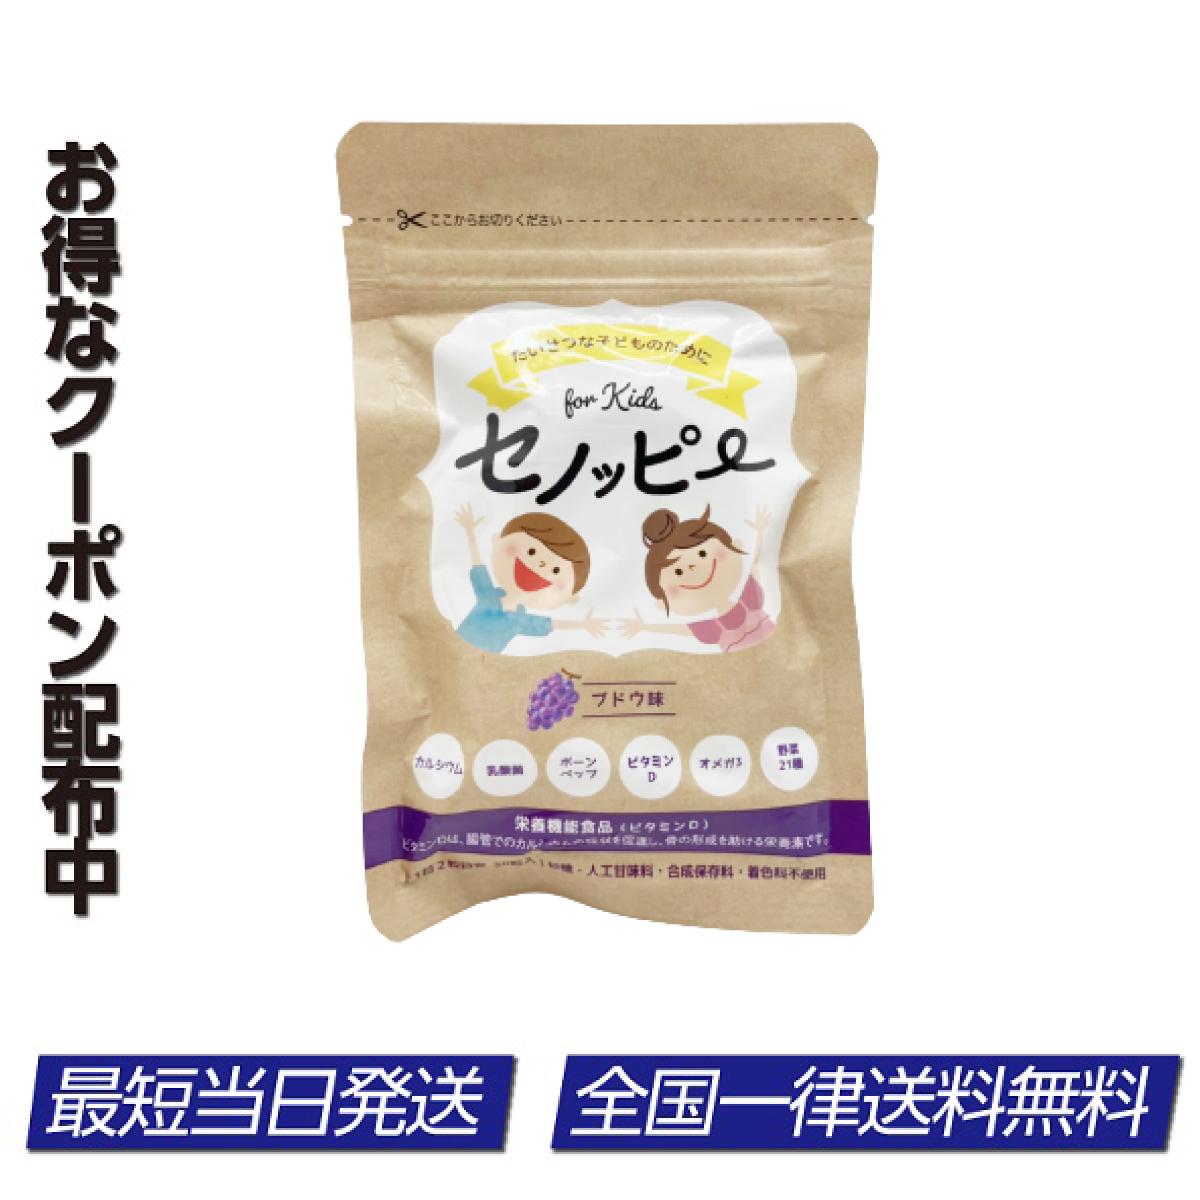 セノッピー ショップ 30粒 日本正規代理店品 15日分 サプリメント 当日発送 成長 グミ 子供